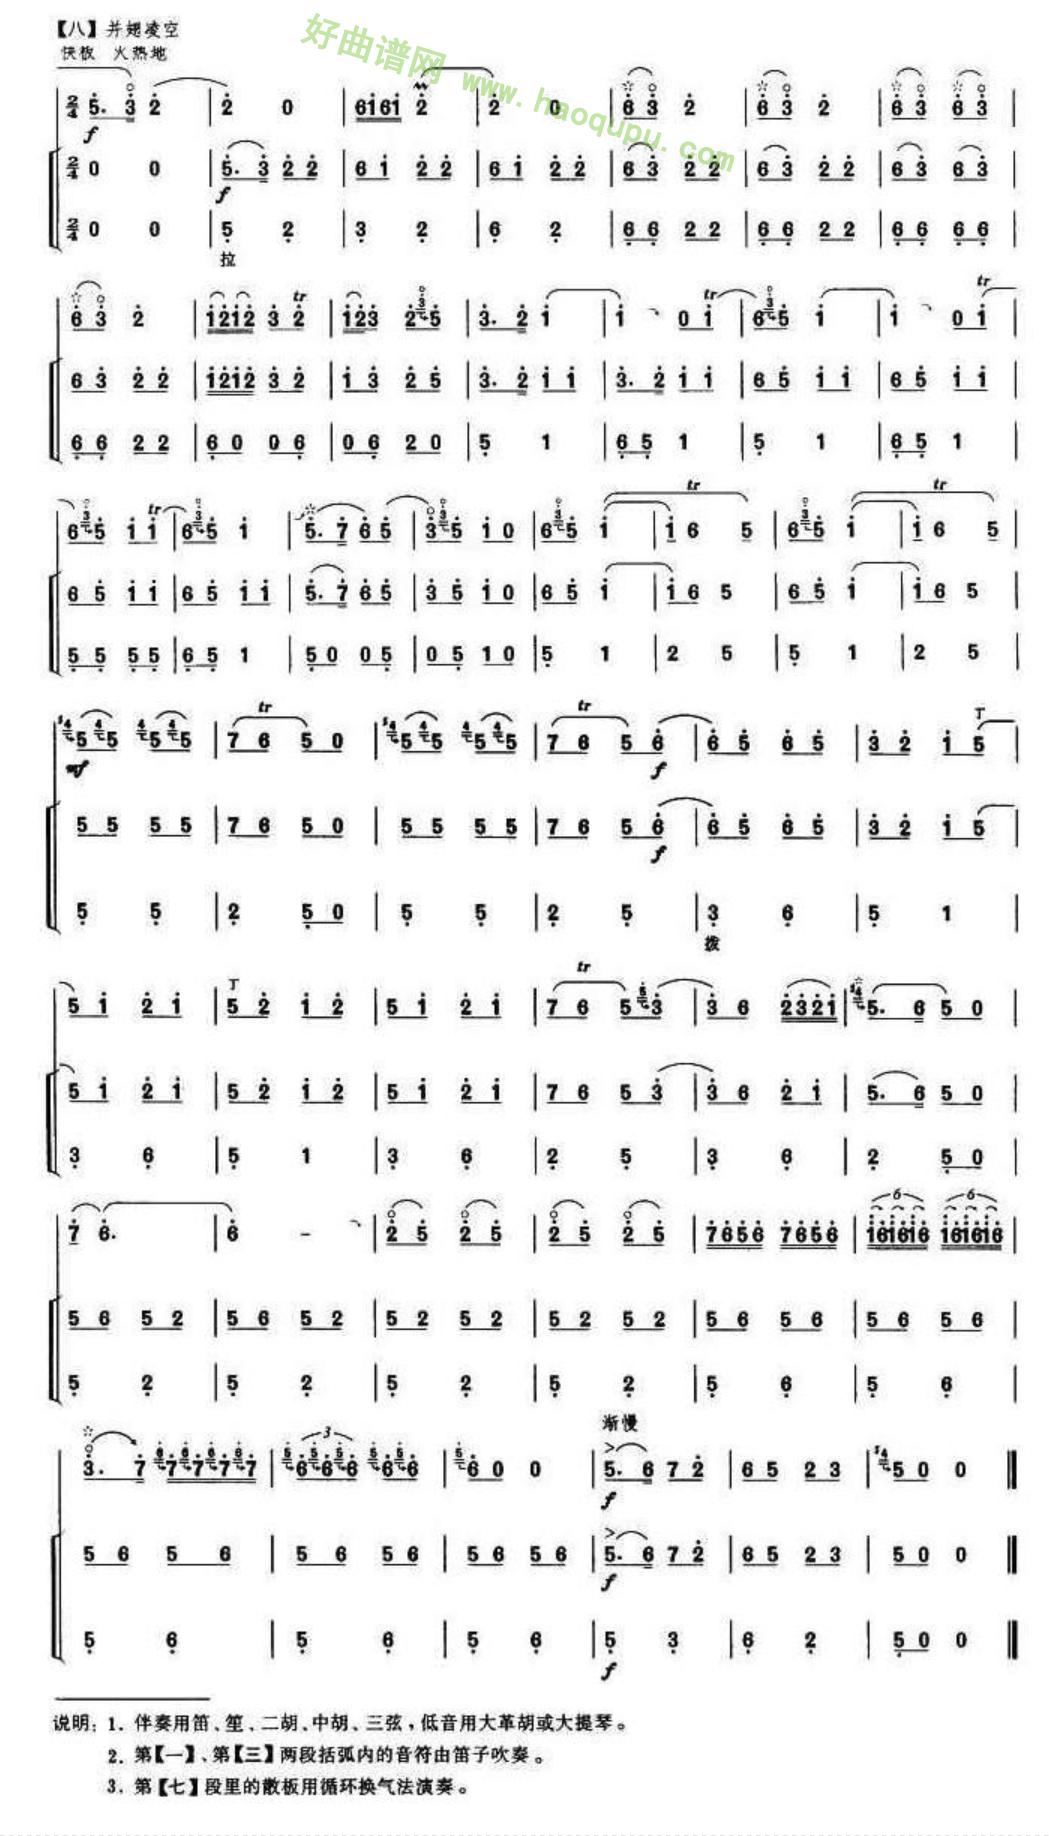 《百鸟朝凤》(完整版)(8)管乐总谱第1张